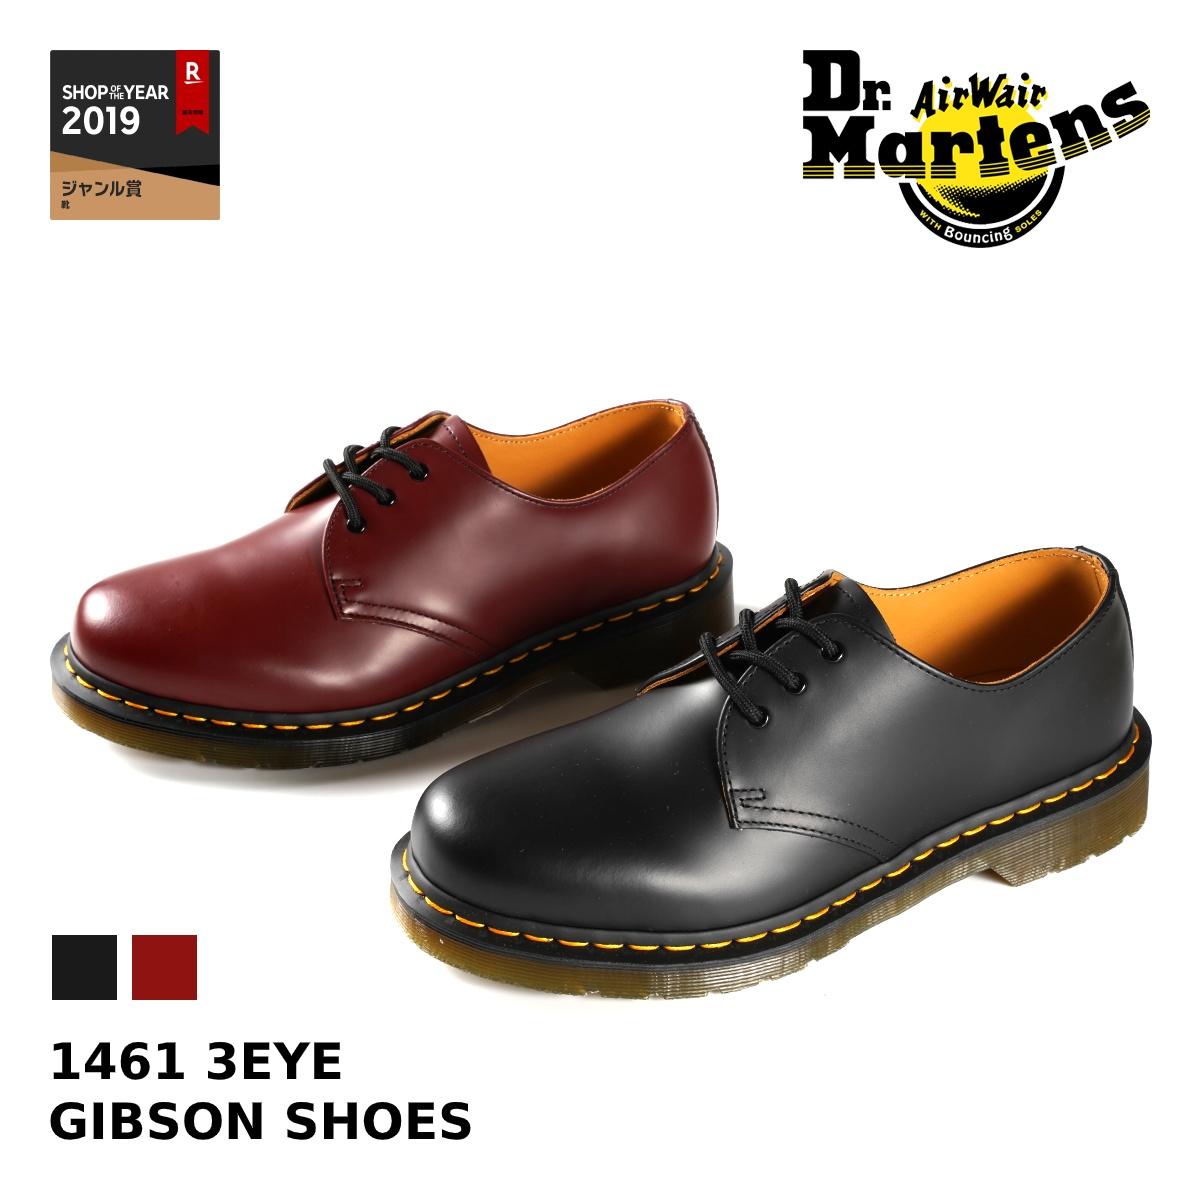 Dr.Martens 1461 3EYE GIBSON SHOES 【メンズ】【レディース】ドクター マーチン 3アイレット ギブソンシュー 3ホール BLACK(R11838002) / CHERRY RED(R11838600)